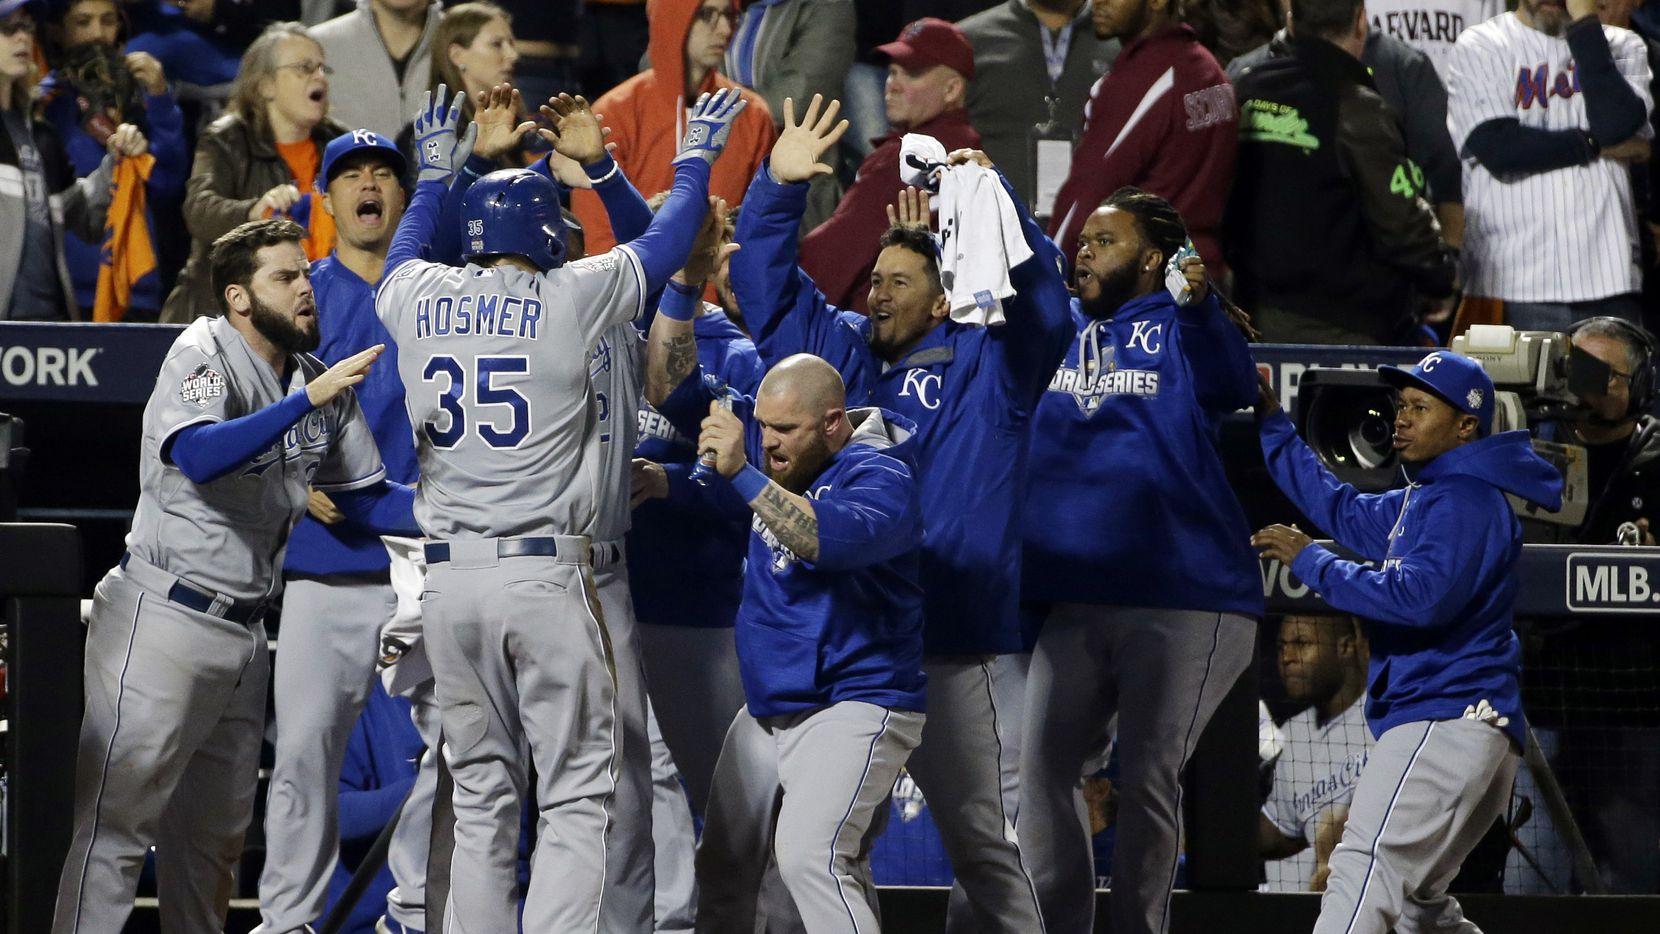 Royals celebran la victoria 7-2 sobre Mets el domingo en Nueva York. AP